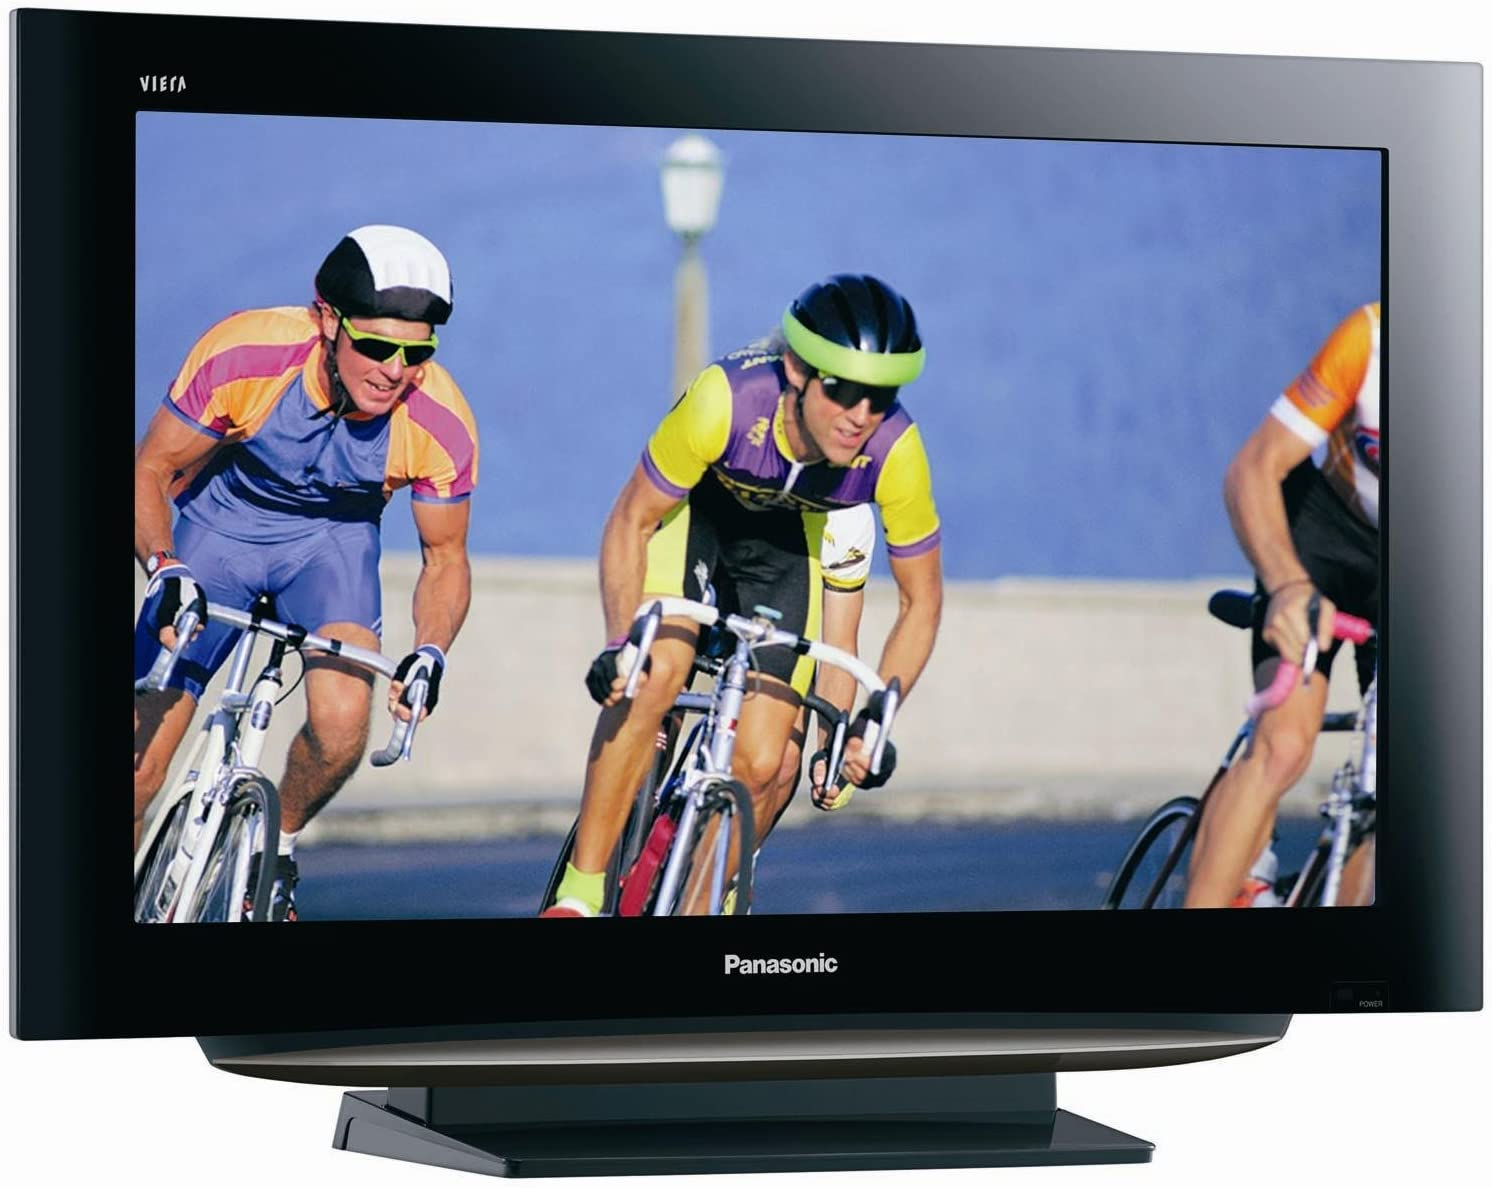 Panasonic TC-32LX85 - Televisión HD, Pantalla LCD 32 pulgadas: Amazon.es: Electrónica